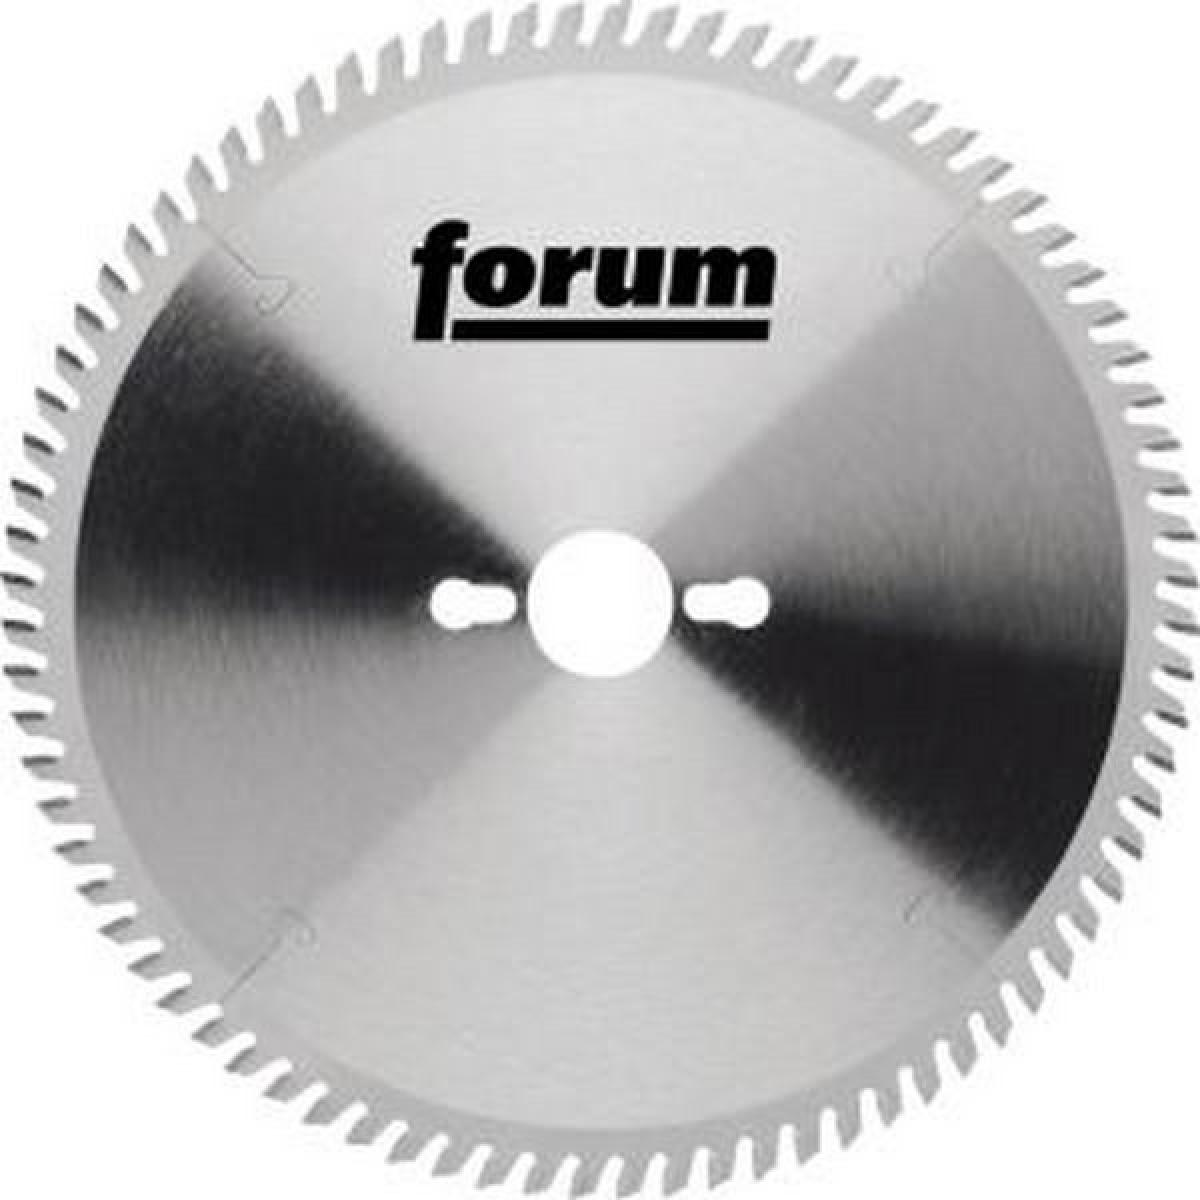 Forum Lame de scie circulaire, Ø : 350 mm, Larg. : 3,5 mm, Alésage 30 mm, Perçages secondaires : 2KNL*, Dents : 54